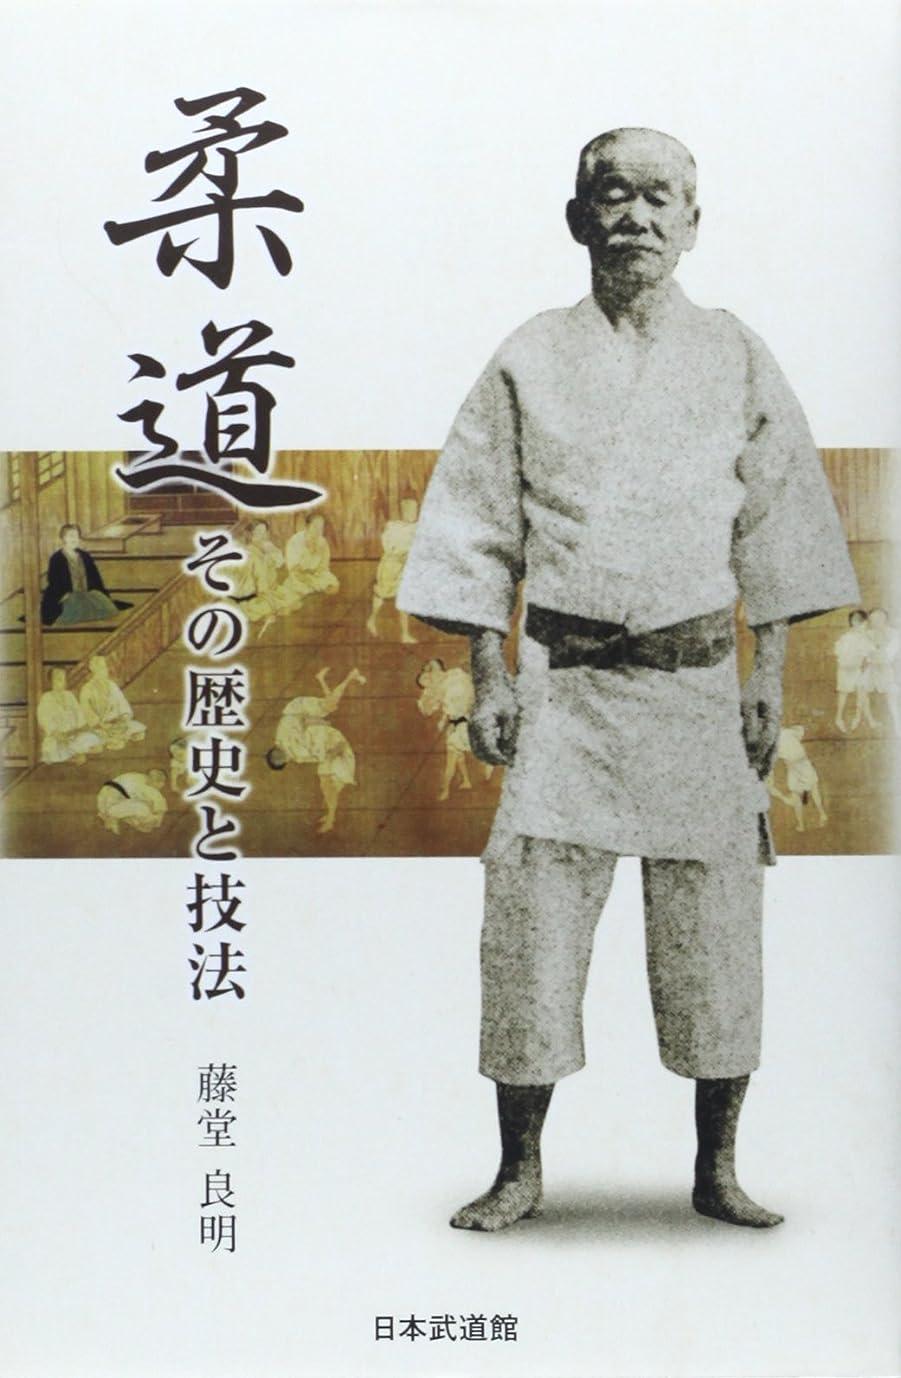 パフツイン脚学校武道の歴史を辿る